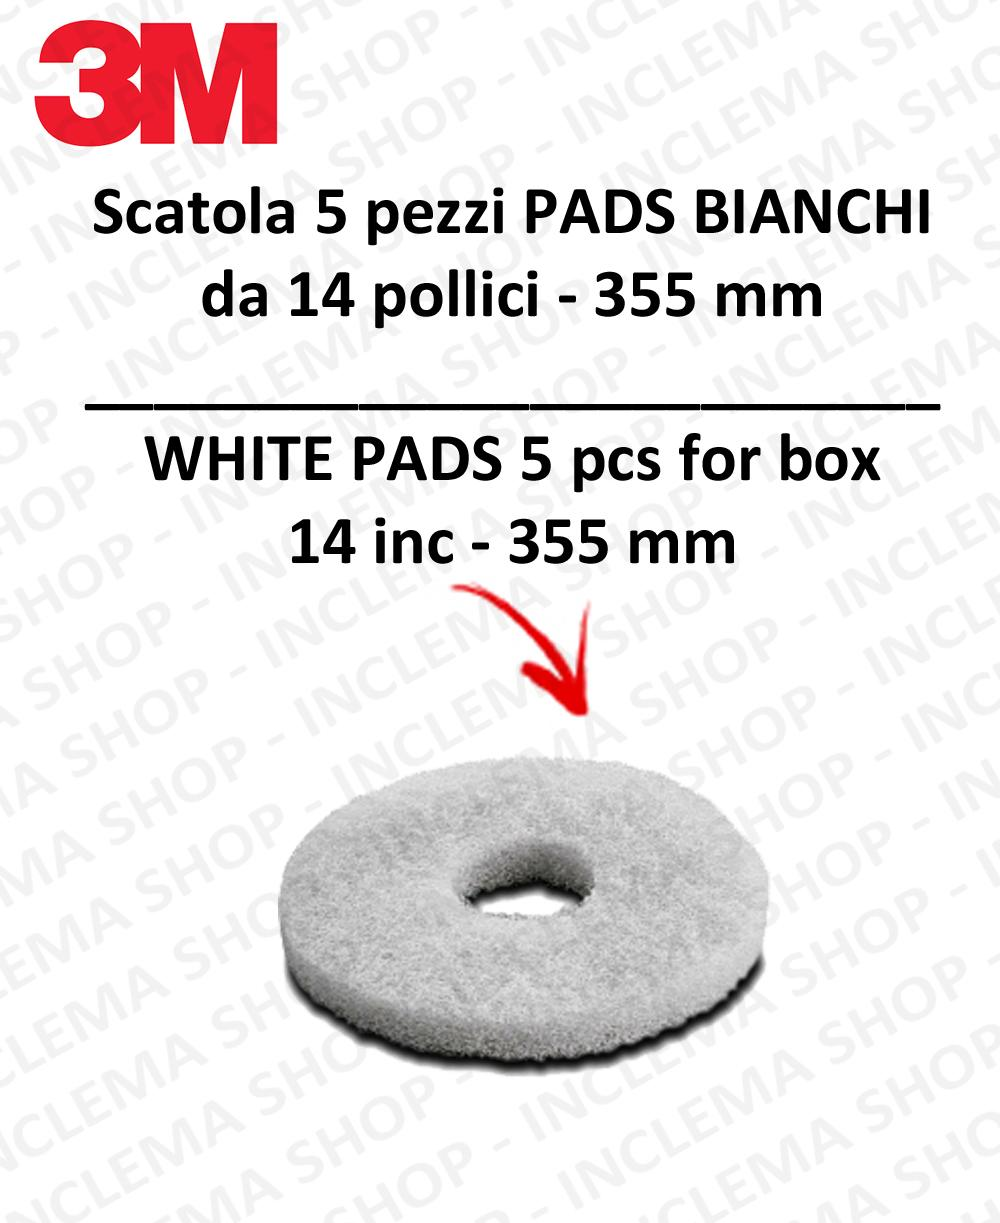 PAD 3M 5 PEZZI Bianco da 14 pollici  355 mm per lavapavimenti e monospazzole